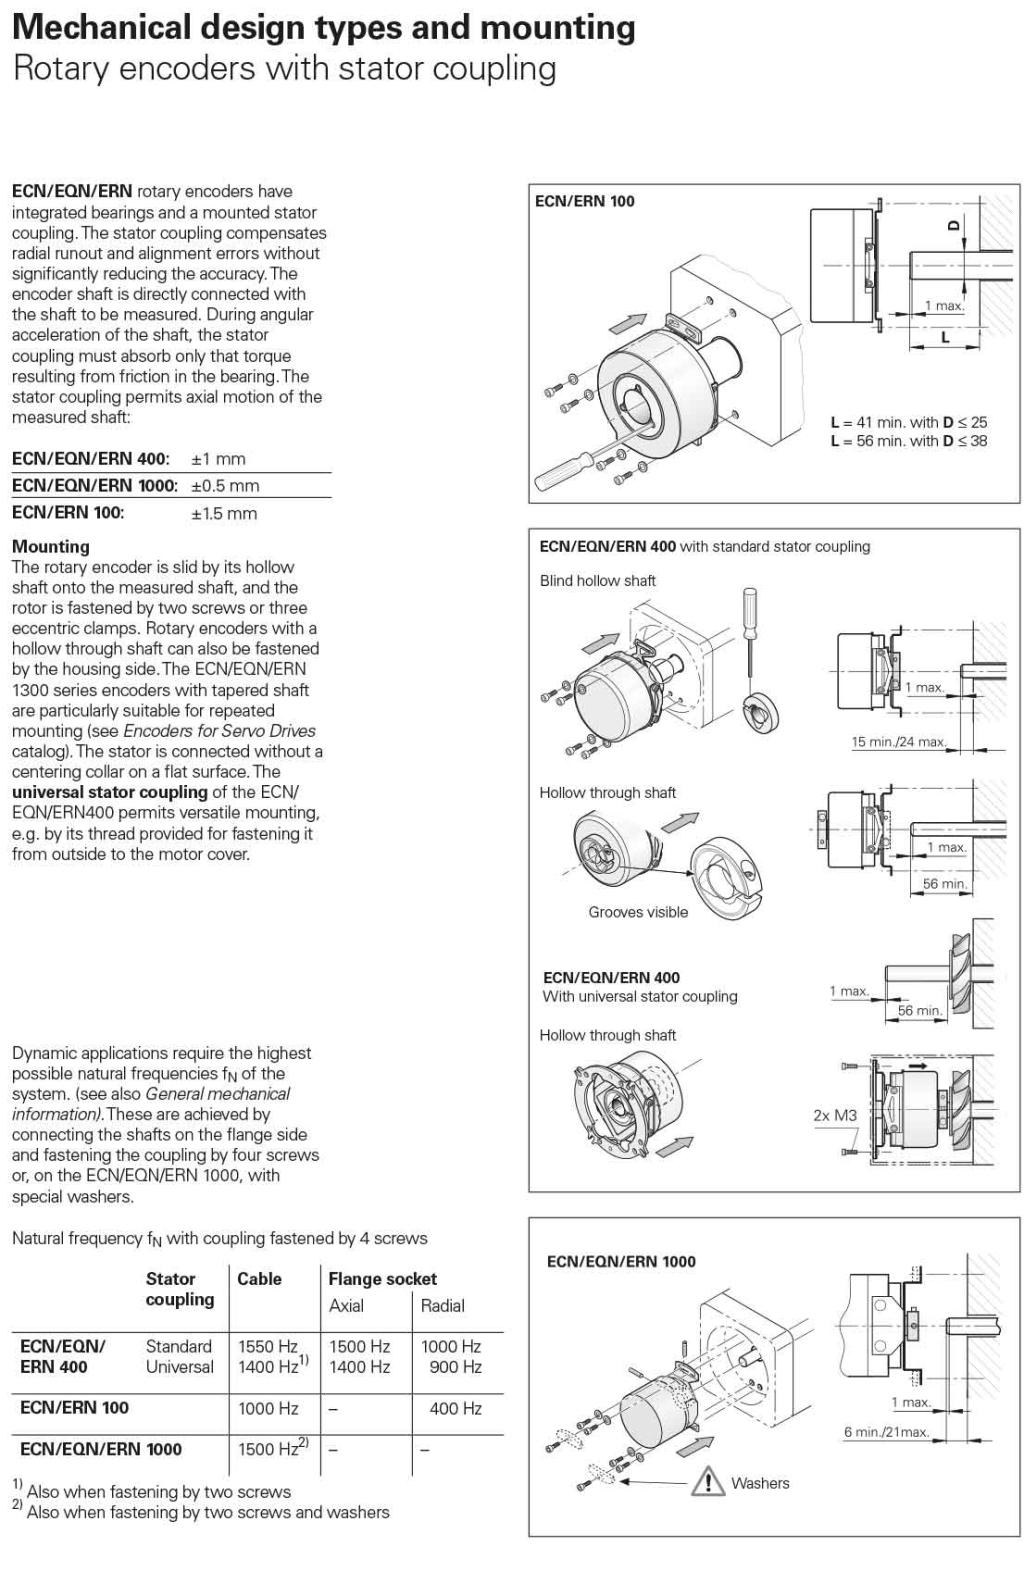 旋轉編碼器類型和安裝